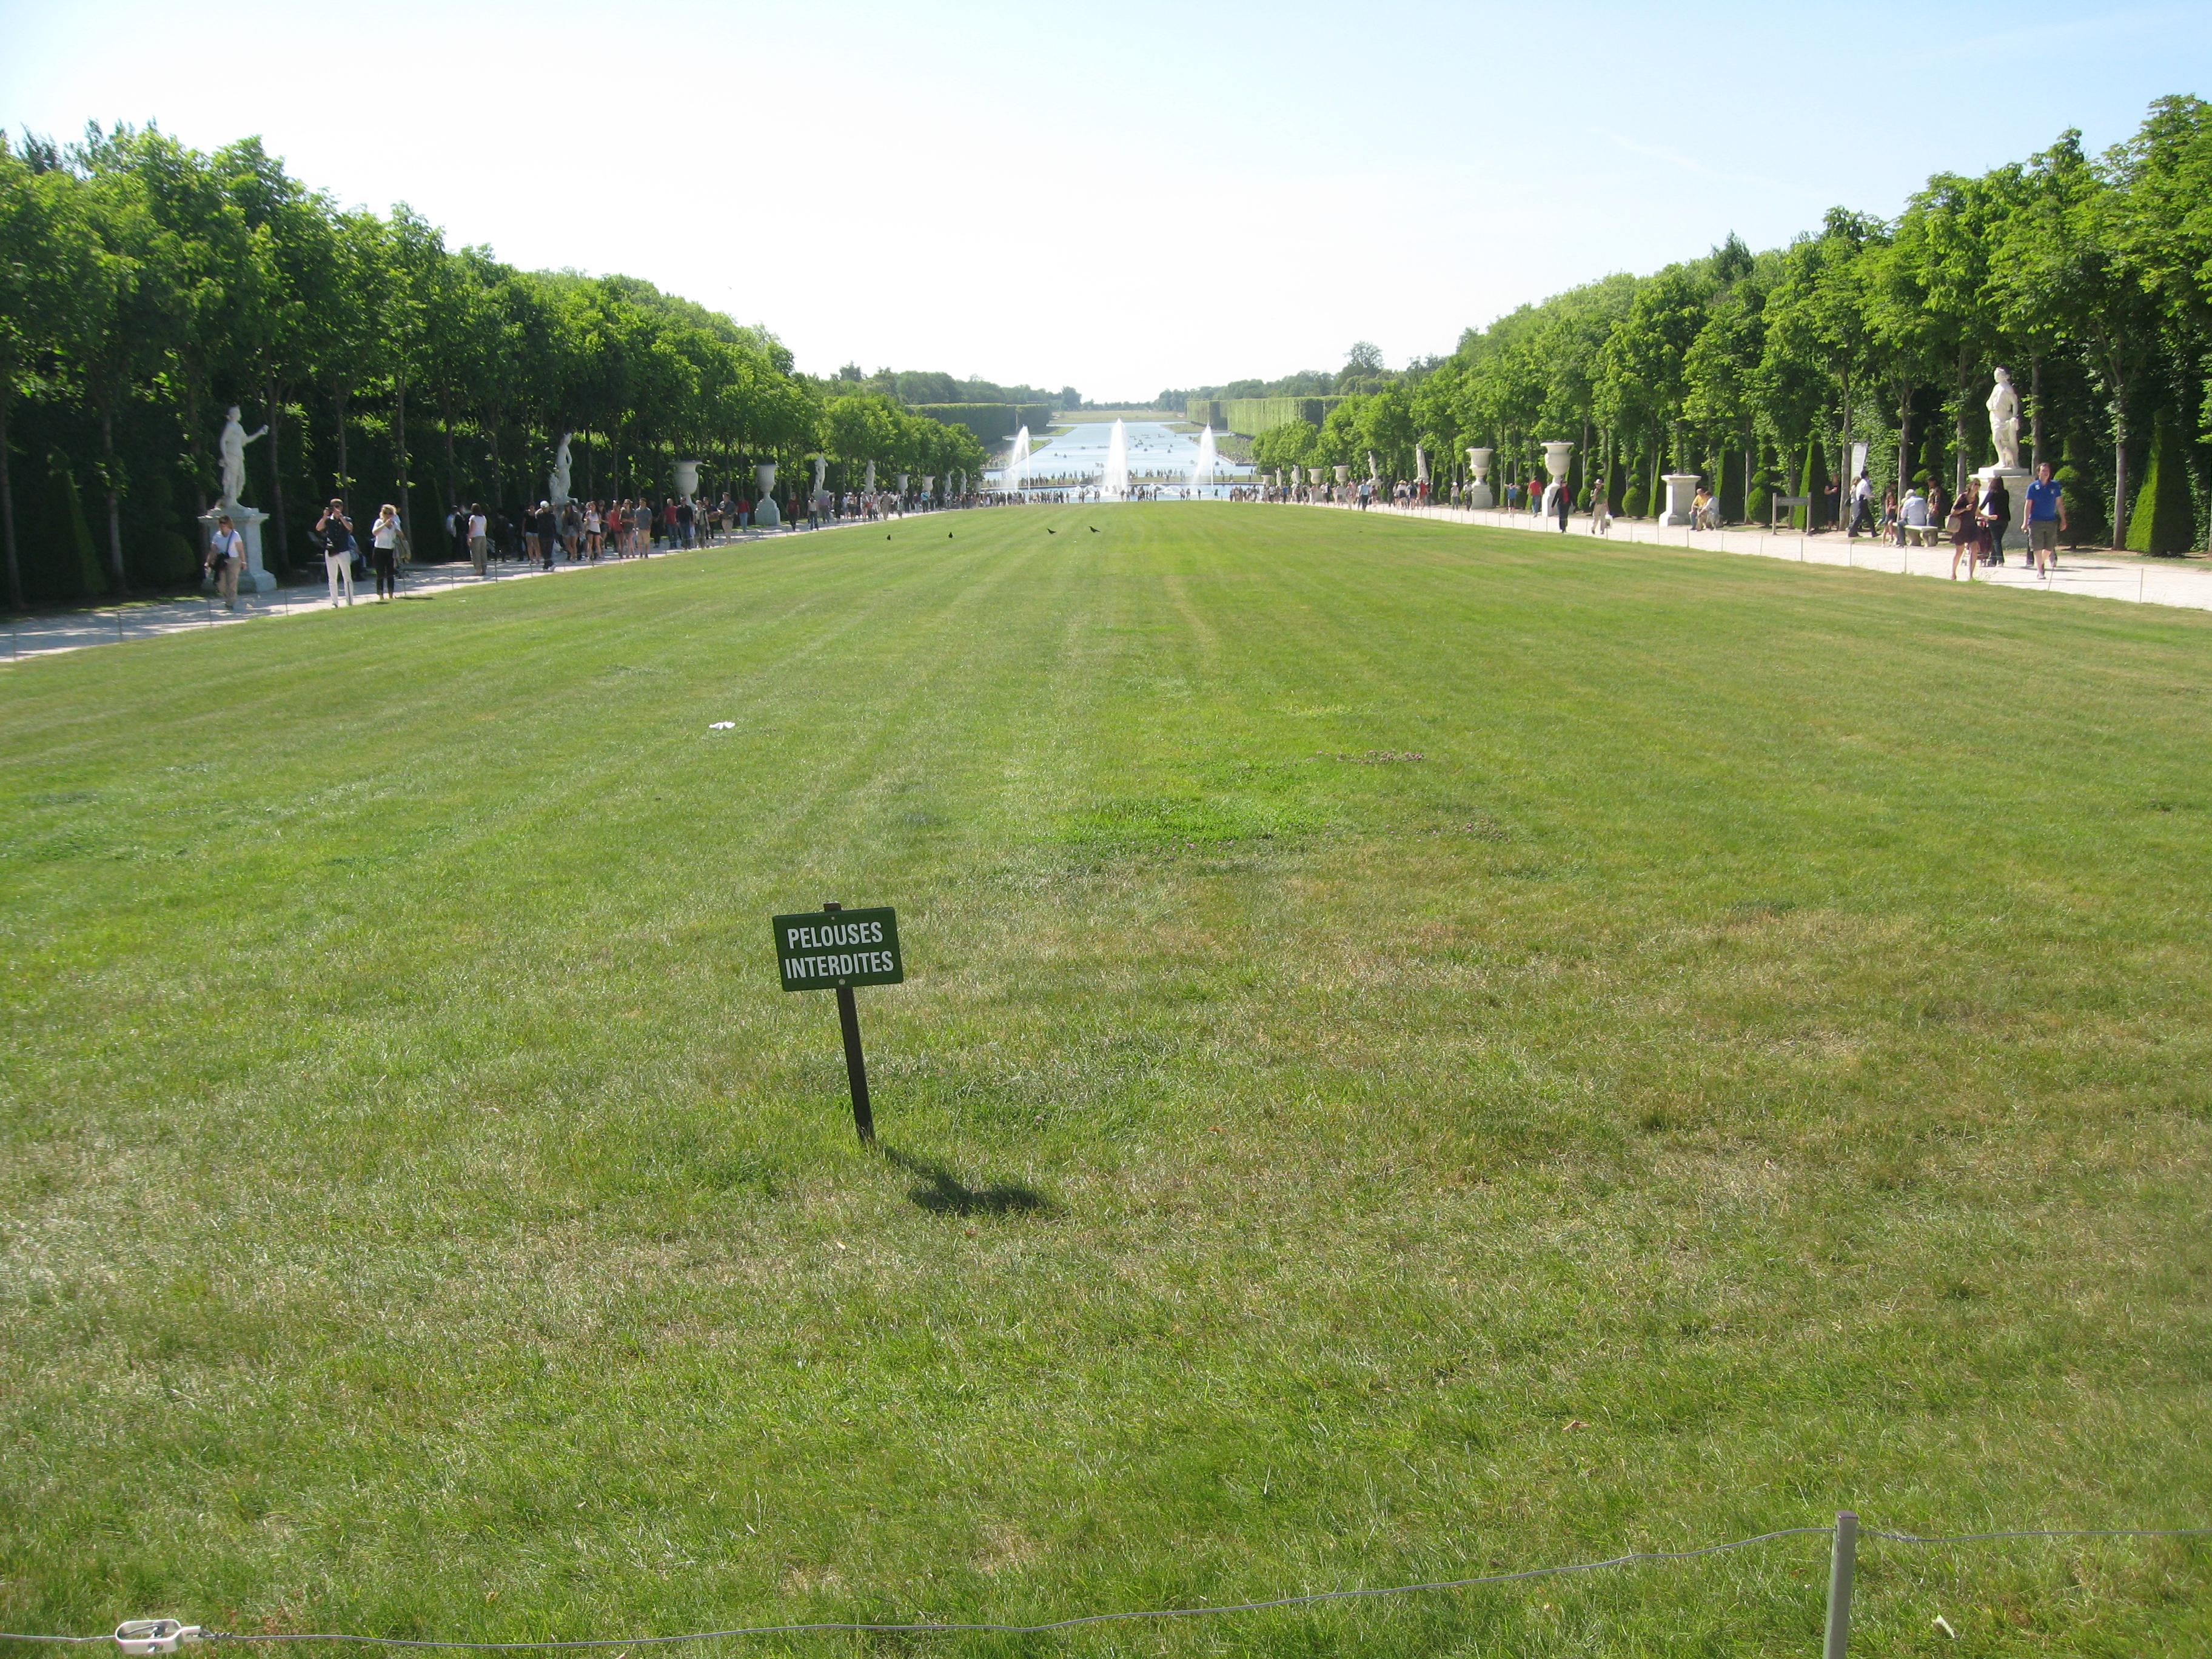 Carrelage Design le tapis vert : File:Le tapis vert - IMG 0141.jpg - Wikimedia Commons